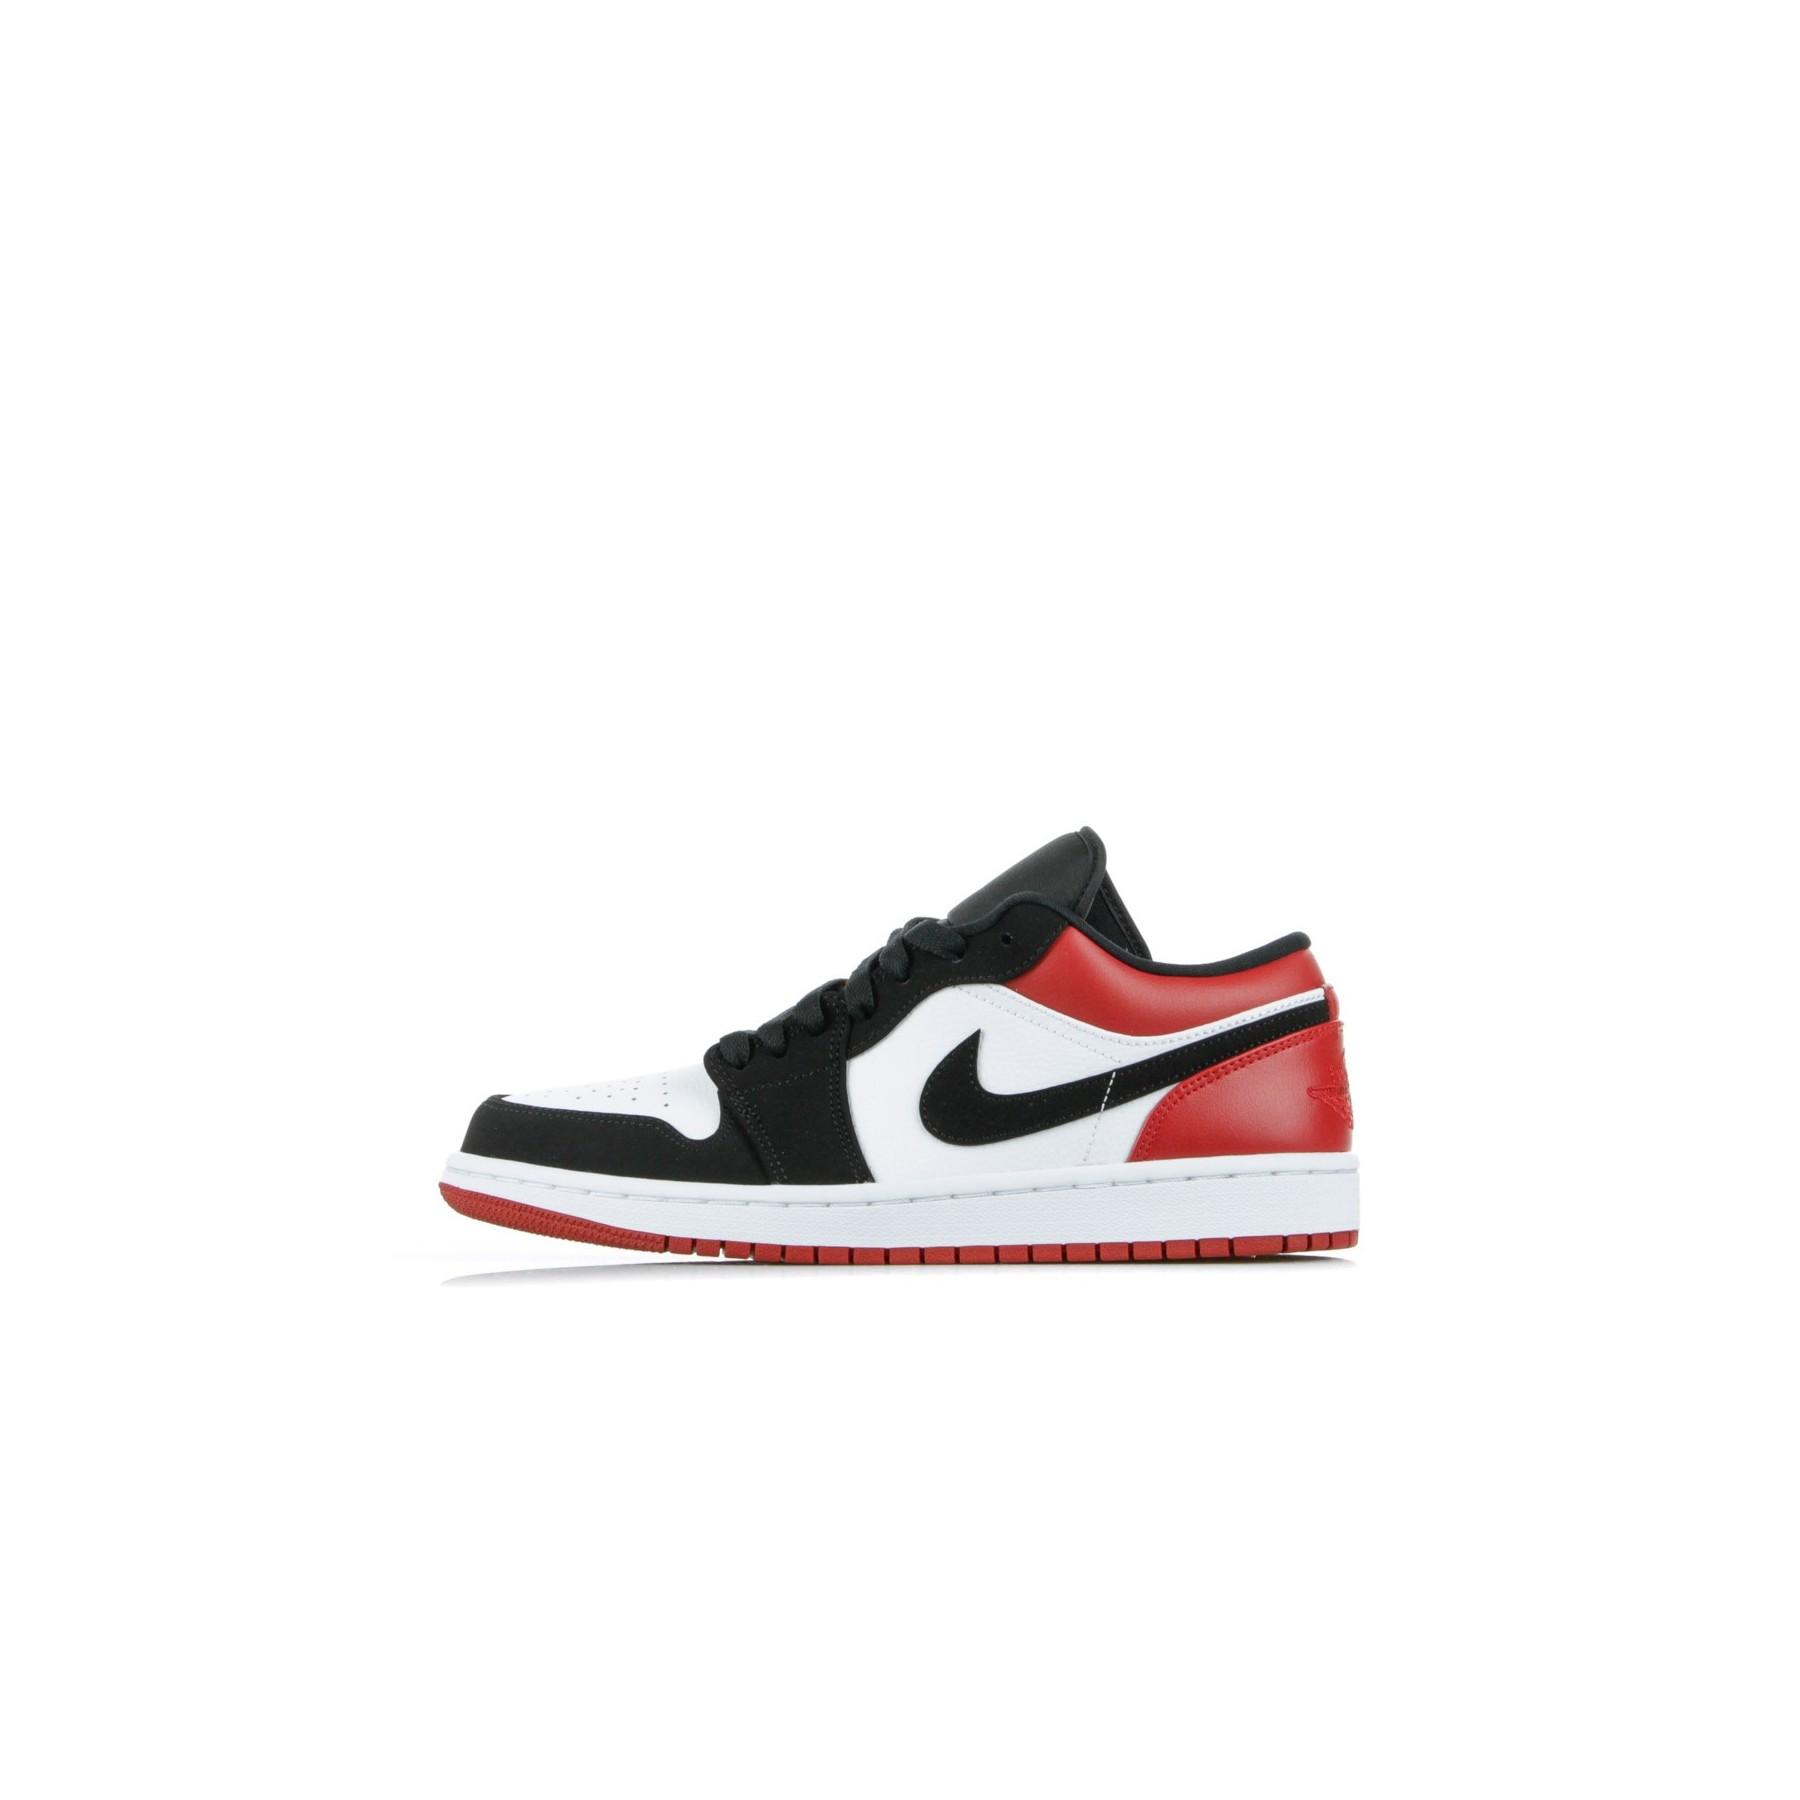 scarpe air jordan 1 basse